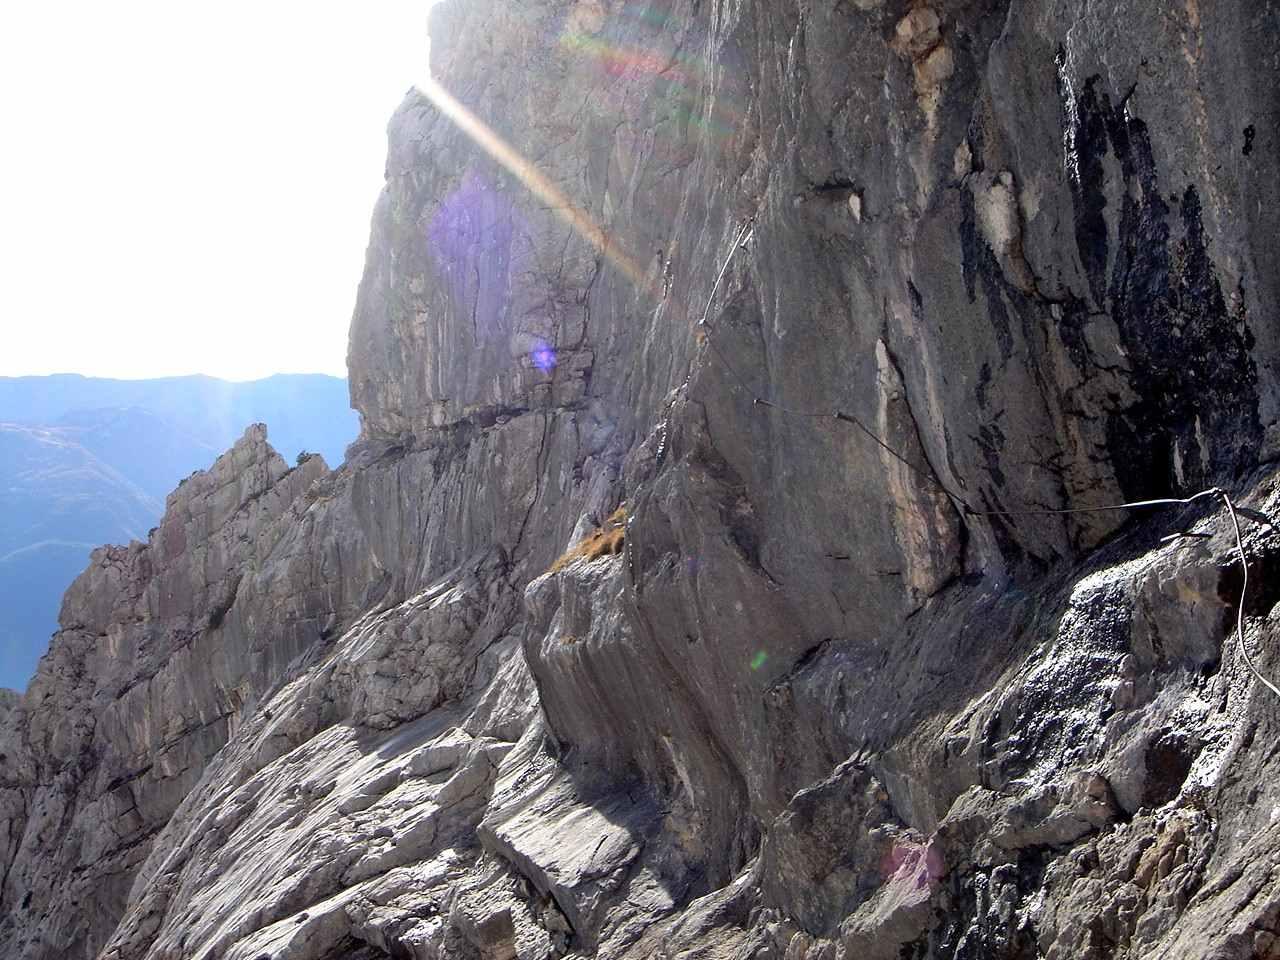 Foto: Manfred Karl / Wander Tour / Über das Prielschutzhaus und den Bert-Rinesch-Klettersteig auf den Gr.Priel / 15.06.2007 23:37:09